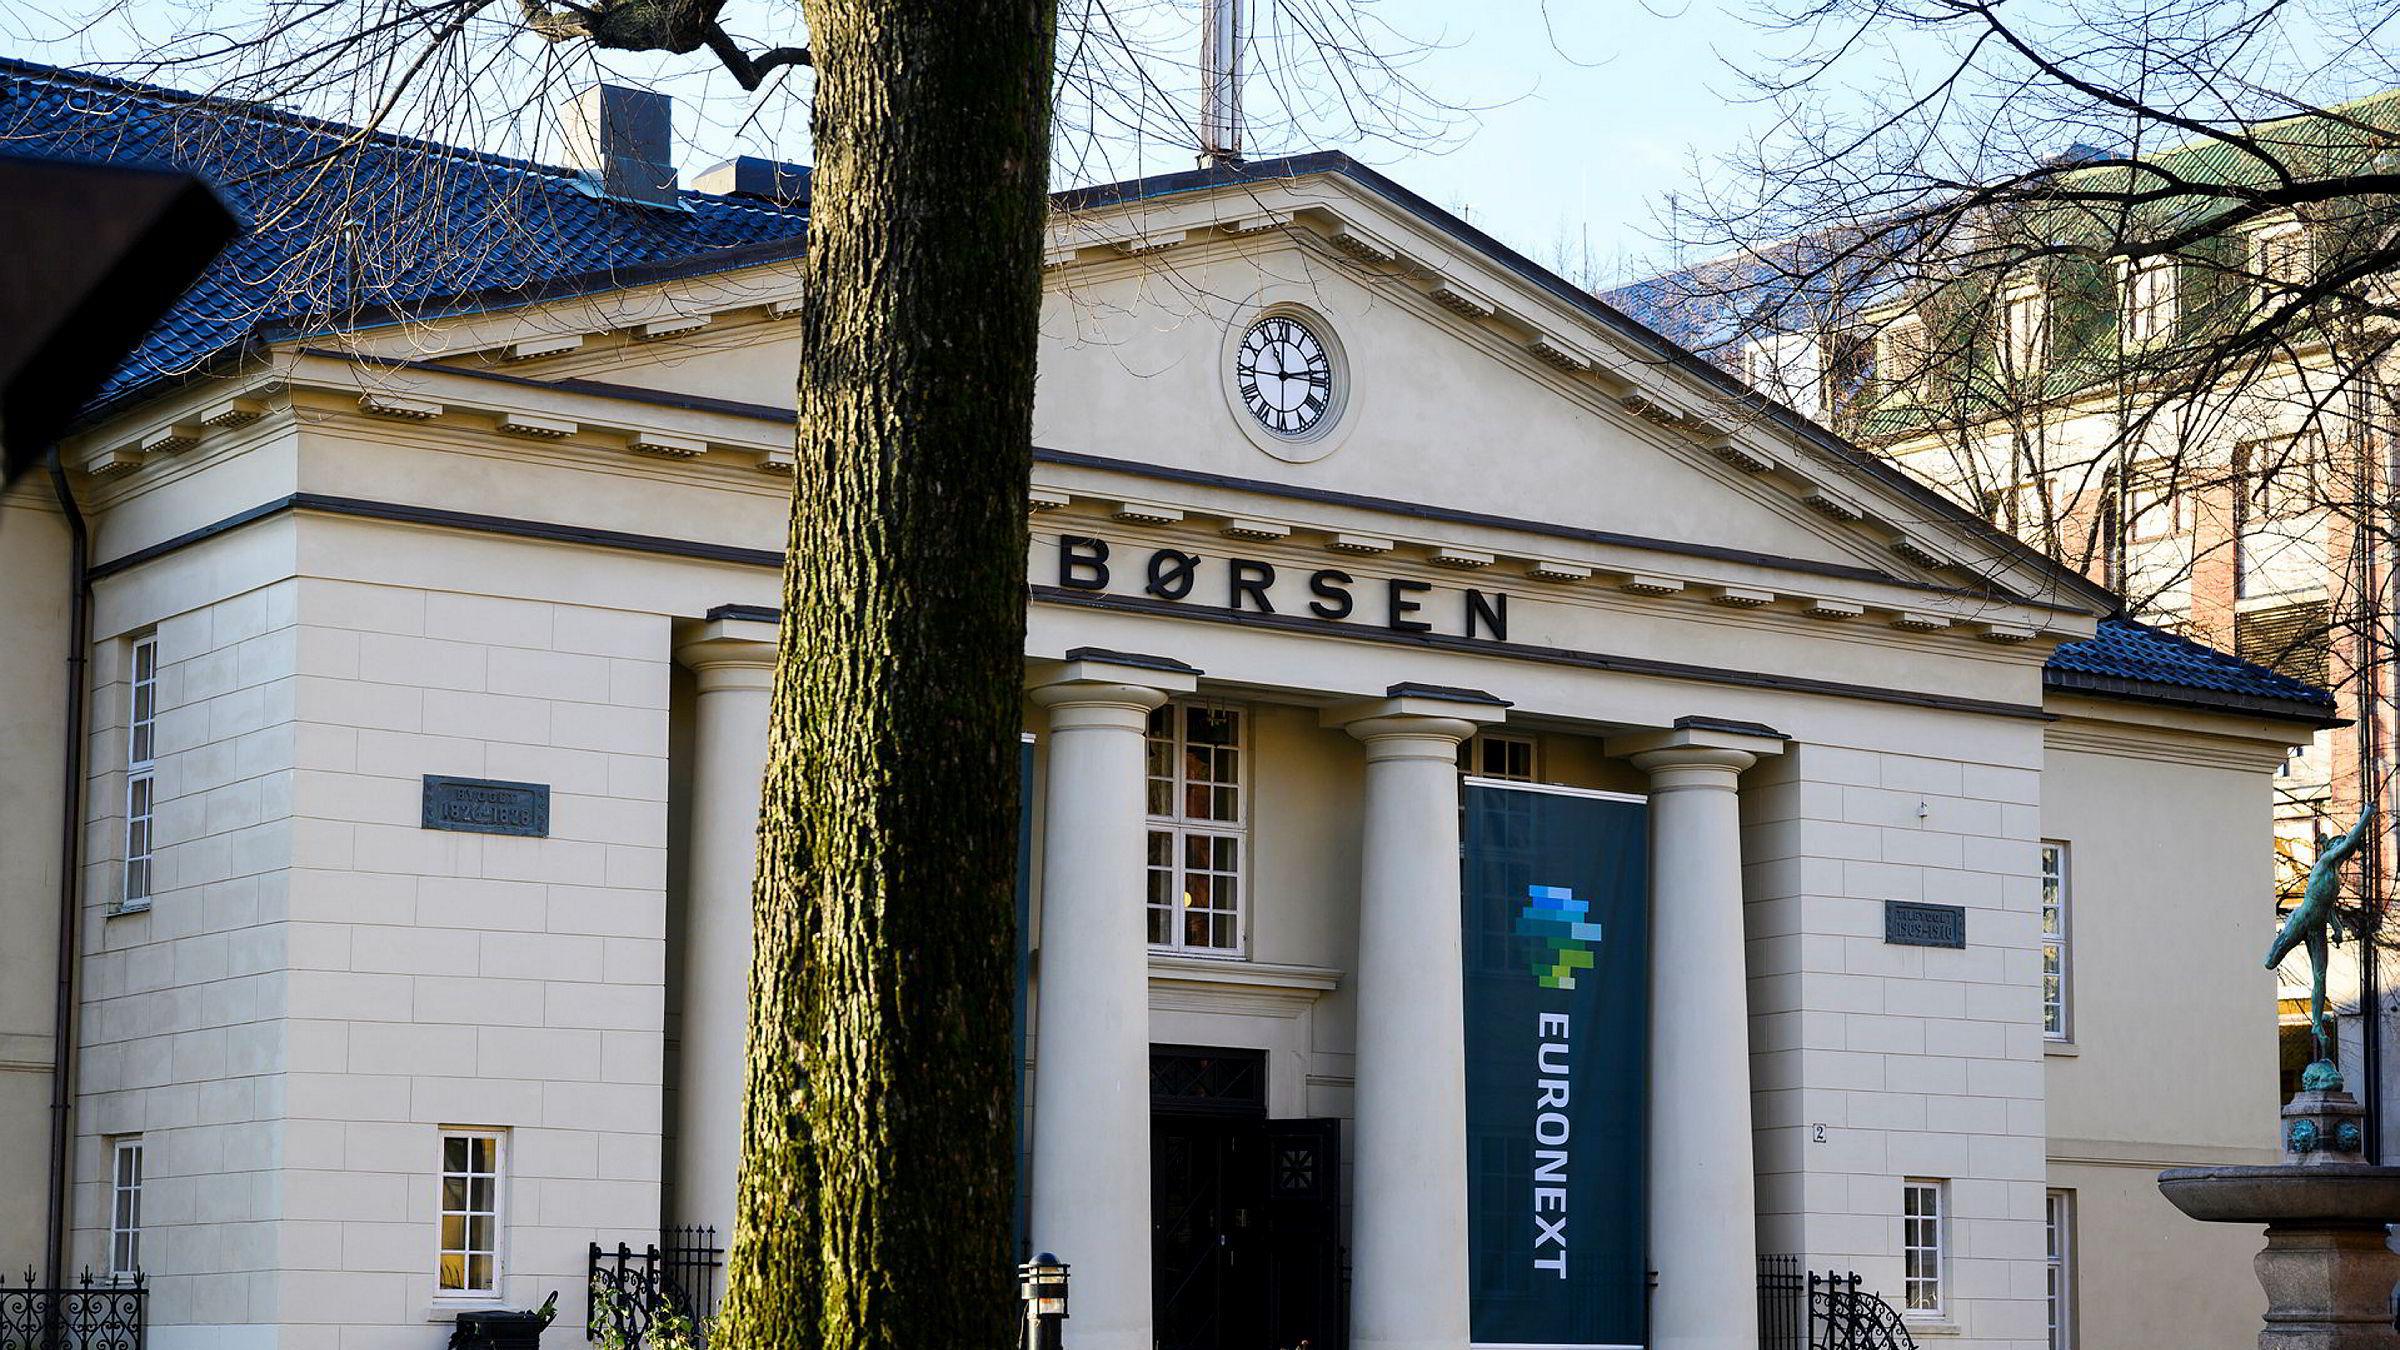 Det lukter korreksjon på Oslo Børs.